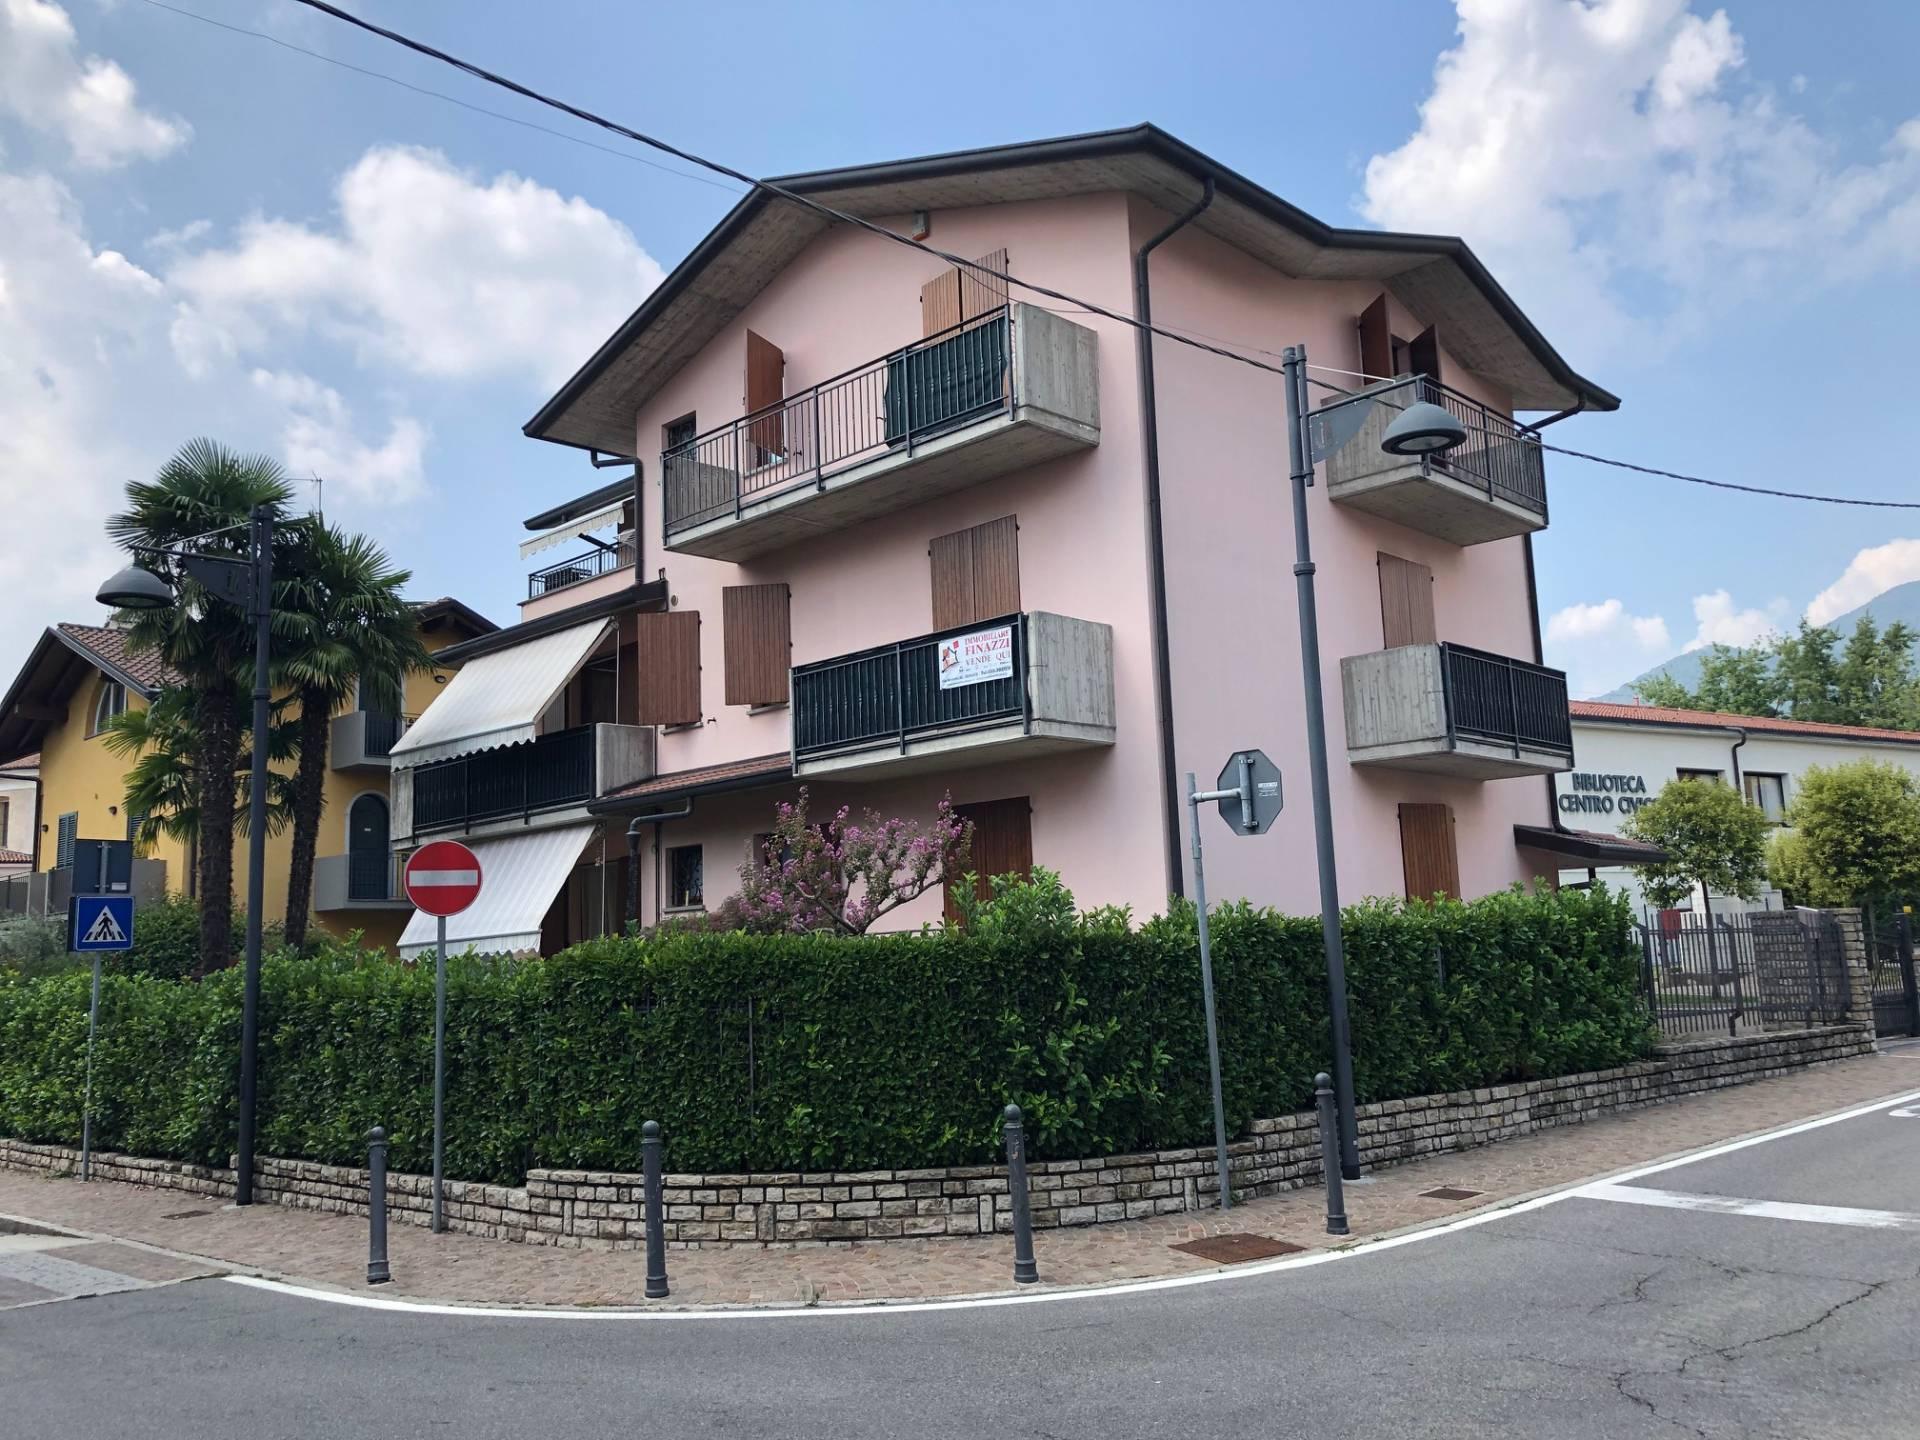 Appartamento in vendita a Cenate Sotto, 4 locali, prezzo € 155.000 | CambioCasa.it